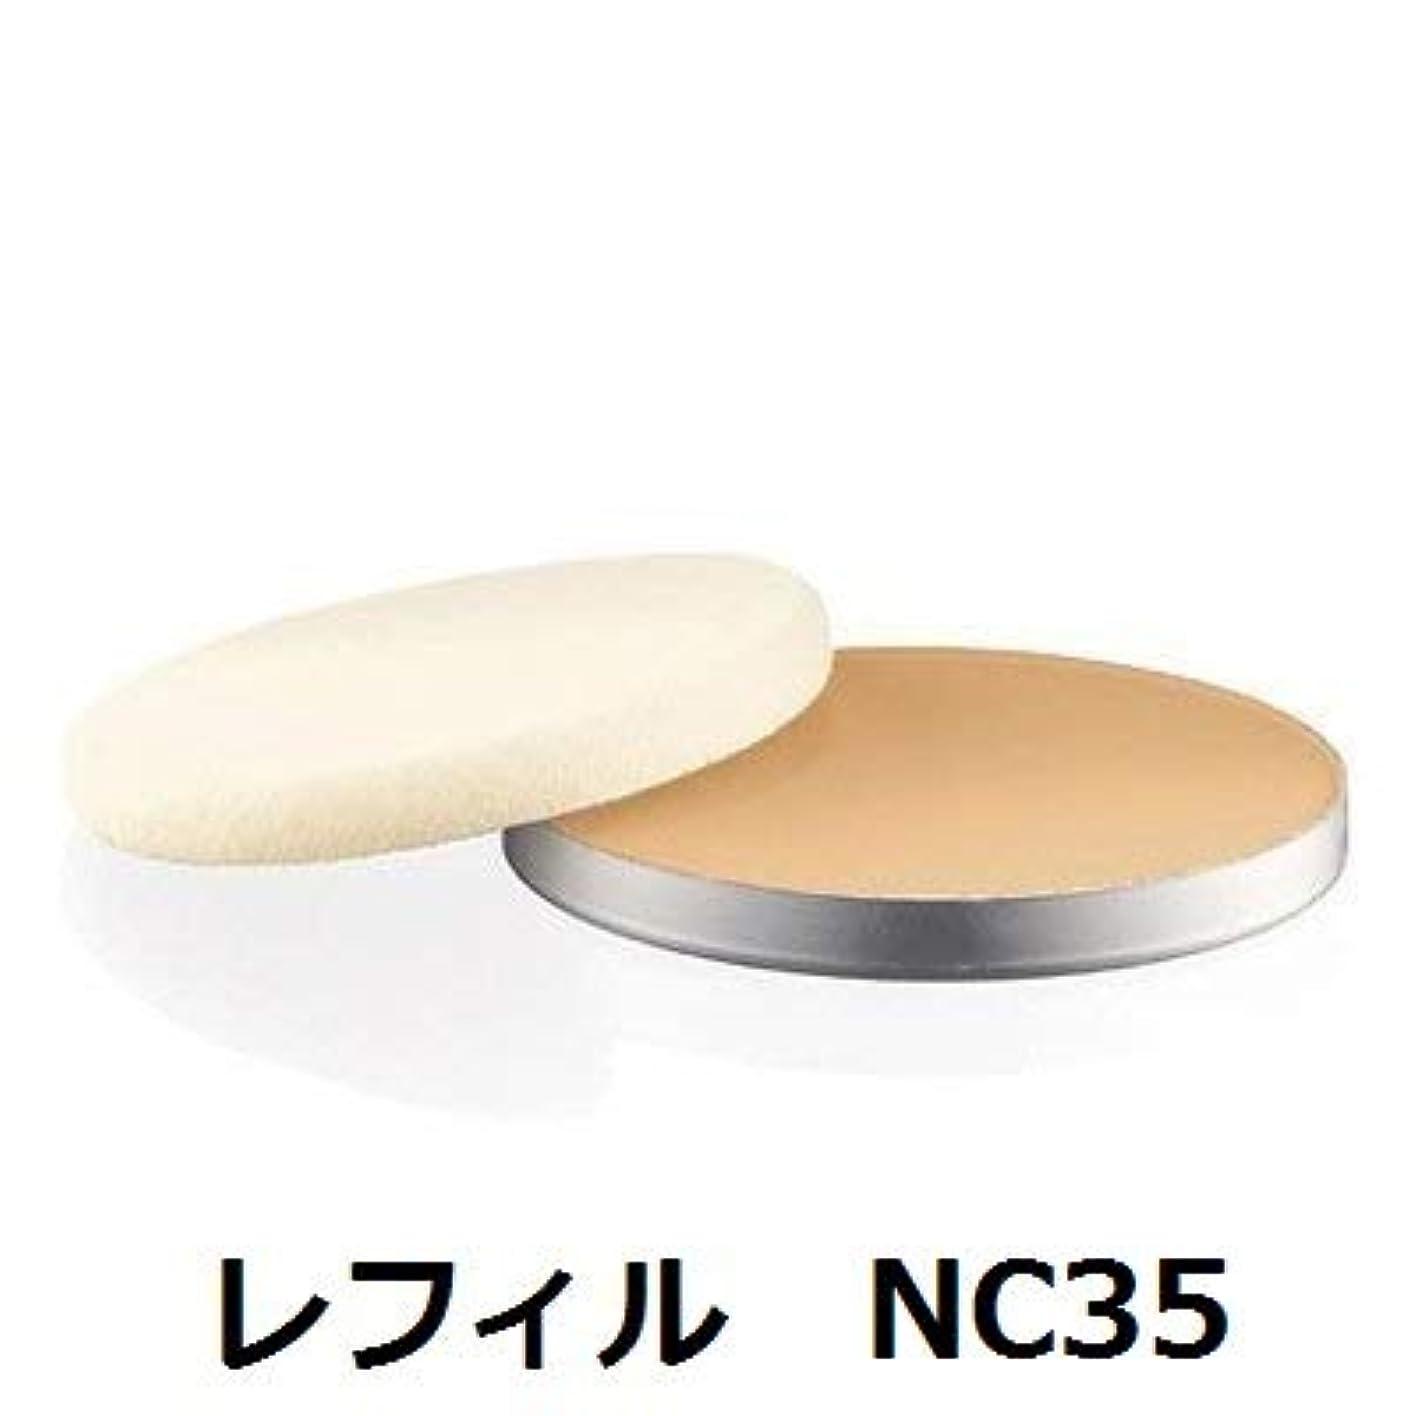 中断フェローシップ火薬マック(MAC) ライトフルC+SPF 30ファンデーション レフィル #NC35 14g [並行輸入品]